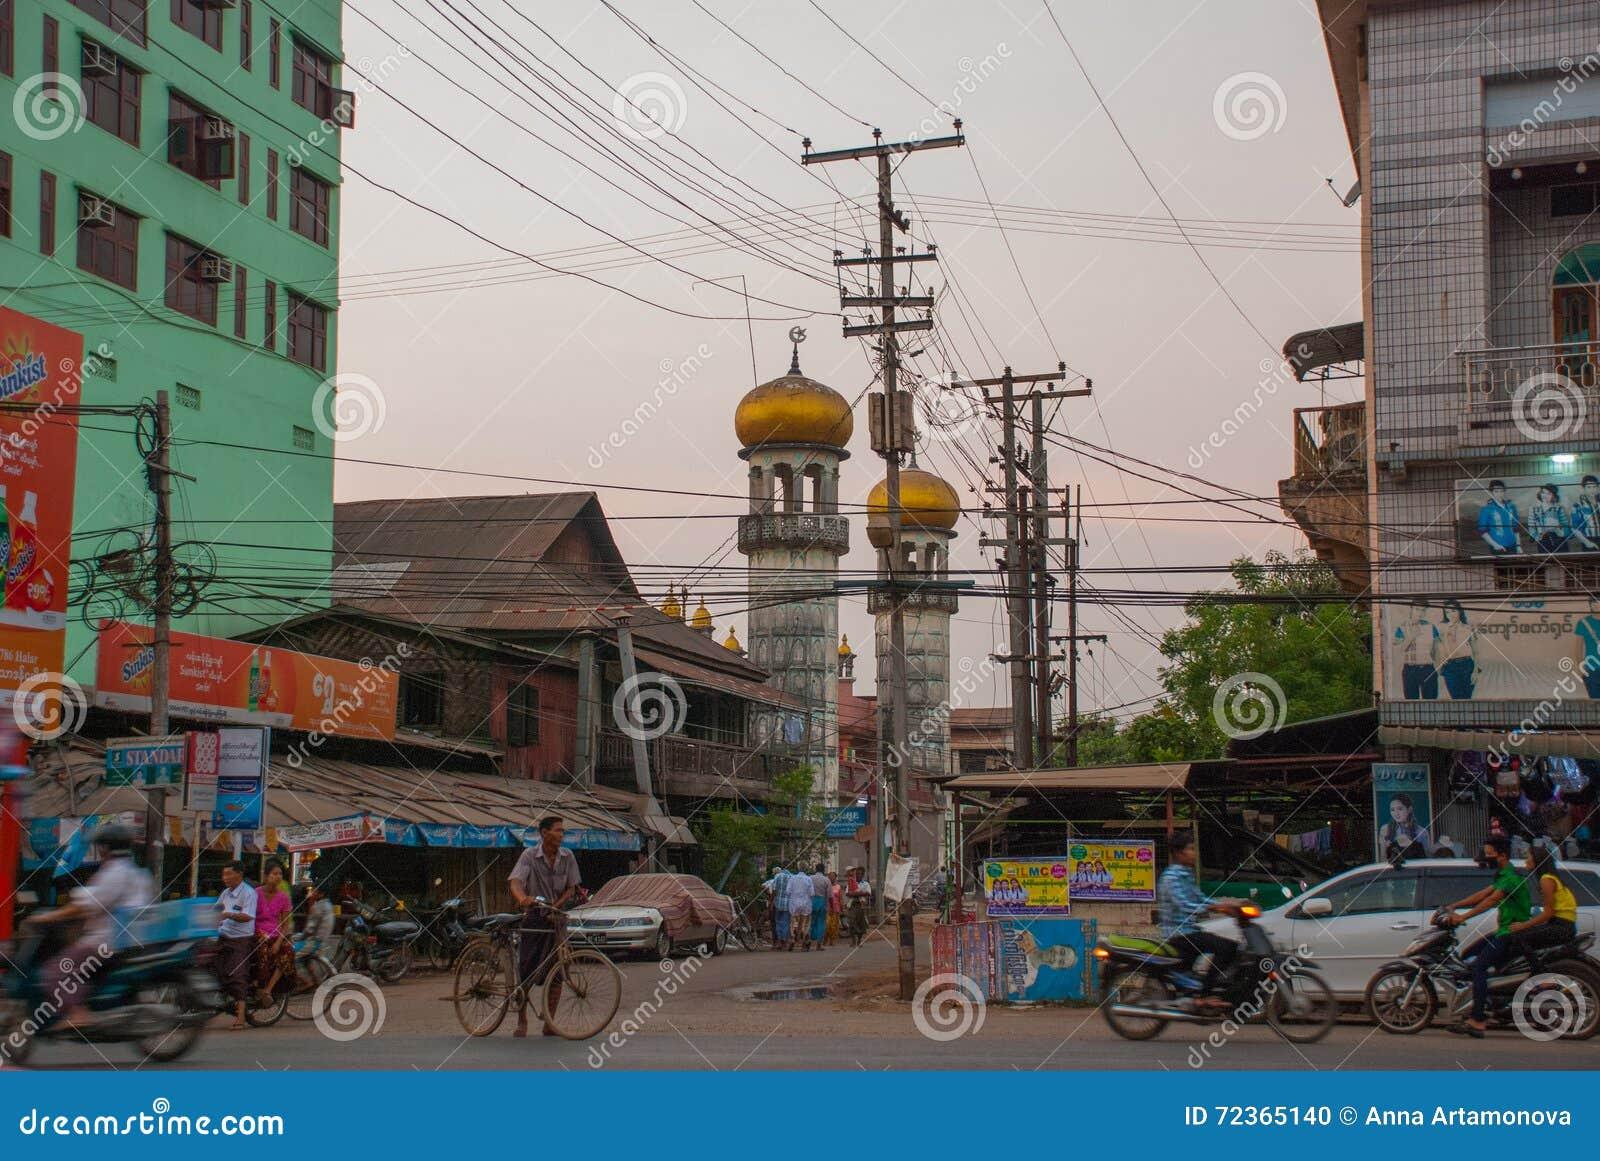 在街道上的清真寺在晚上 通过公路运输 在缅甸的Bago 缅甸